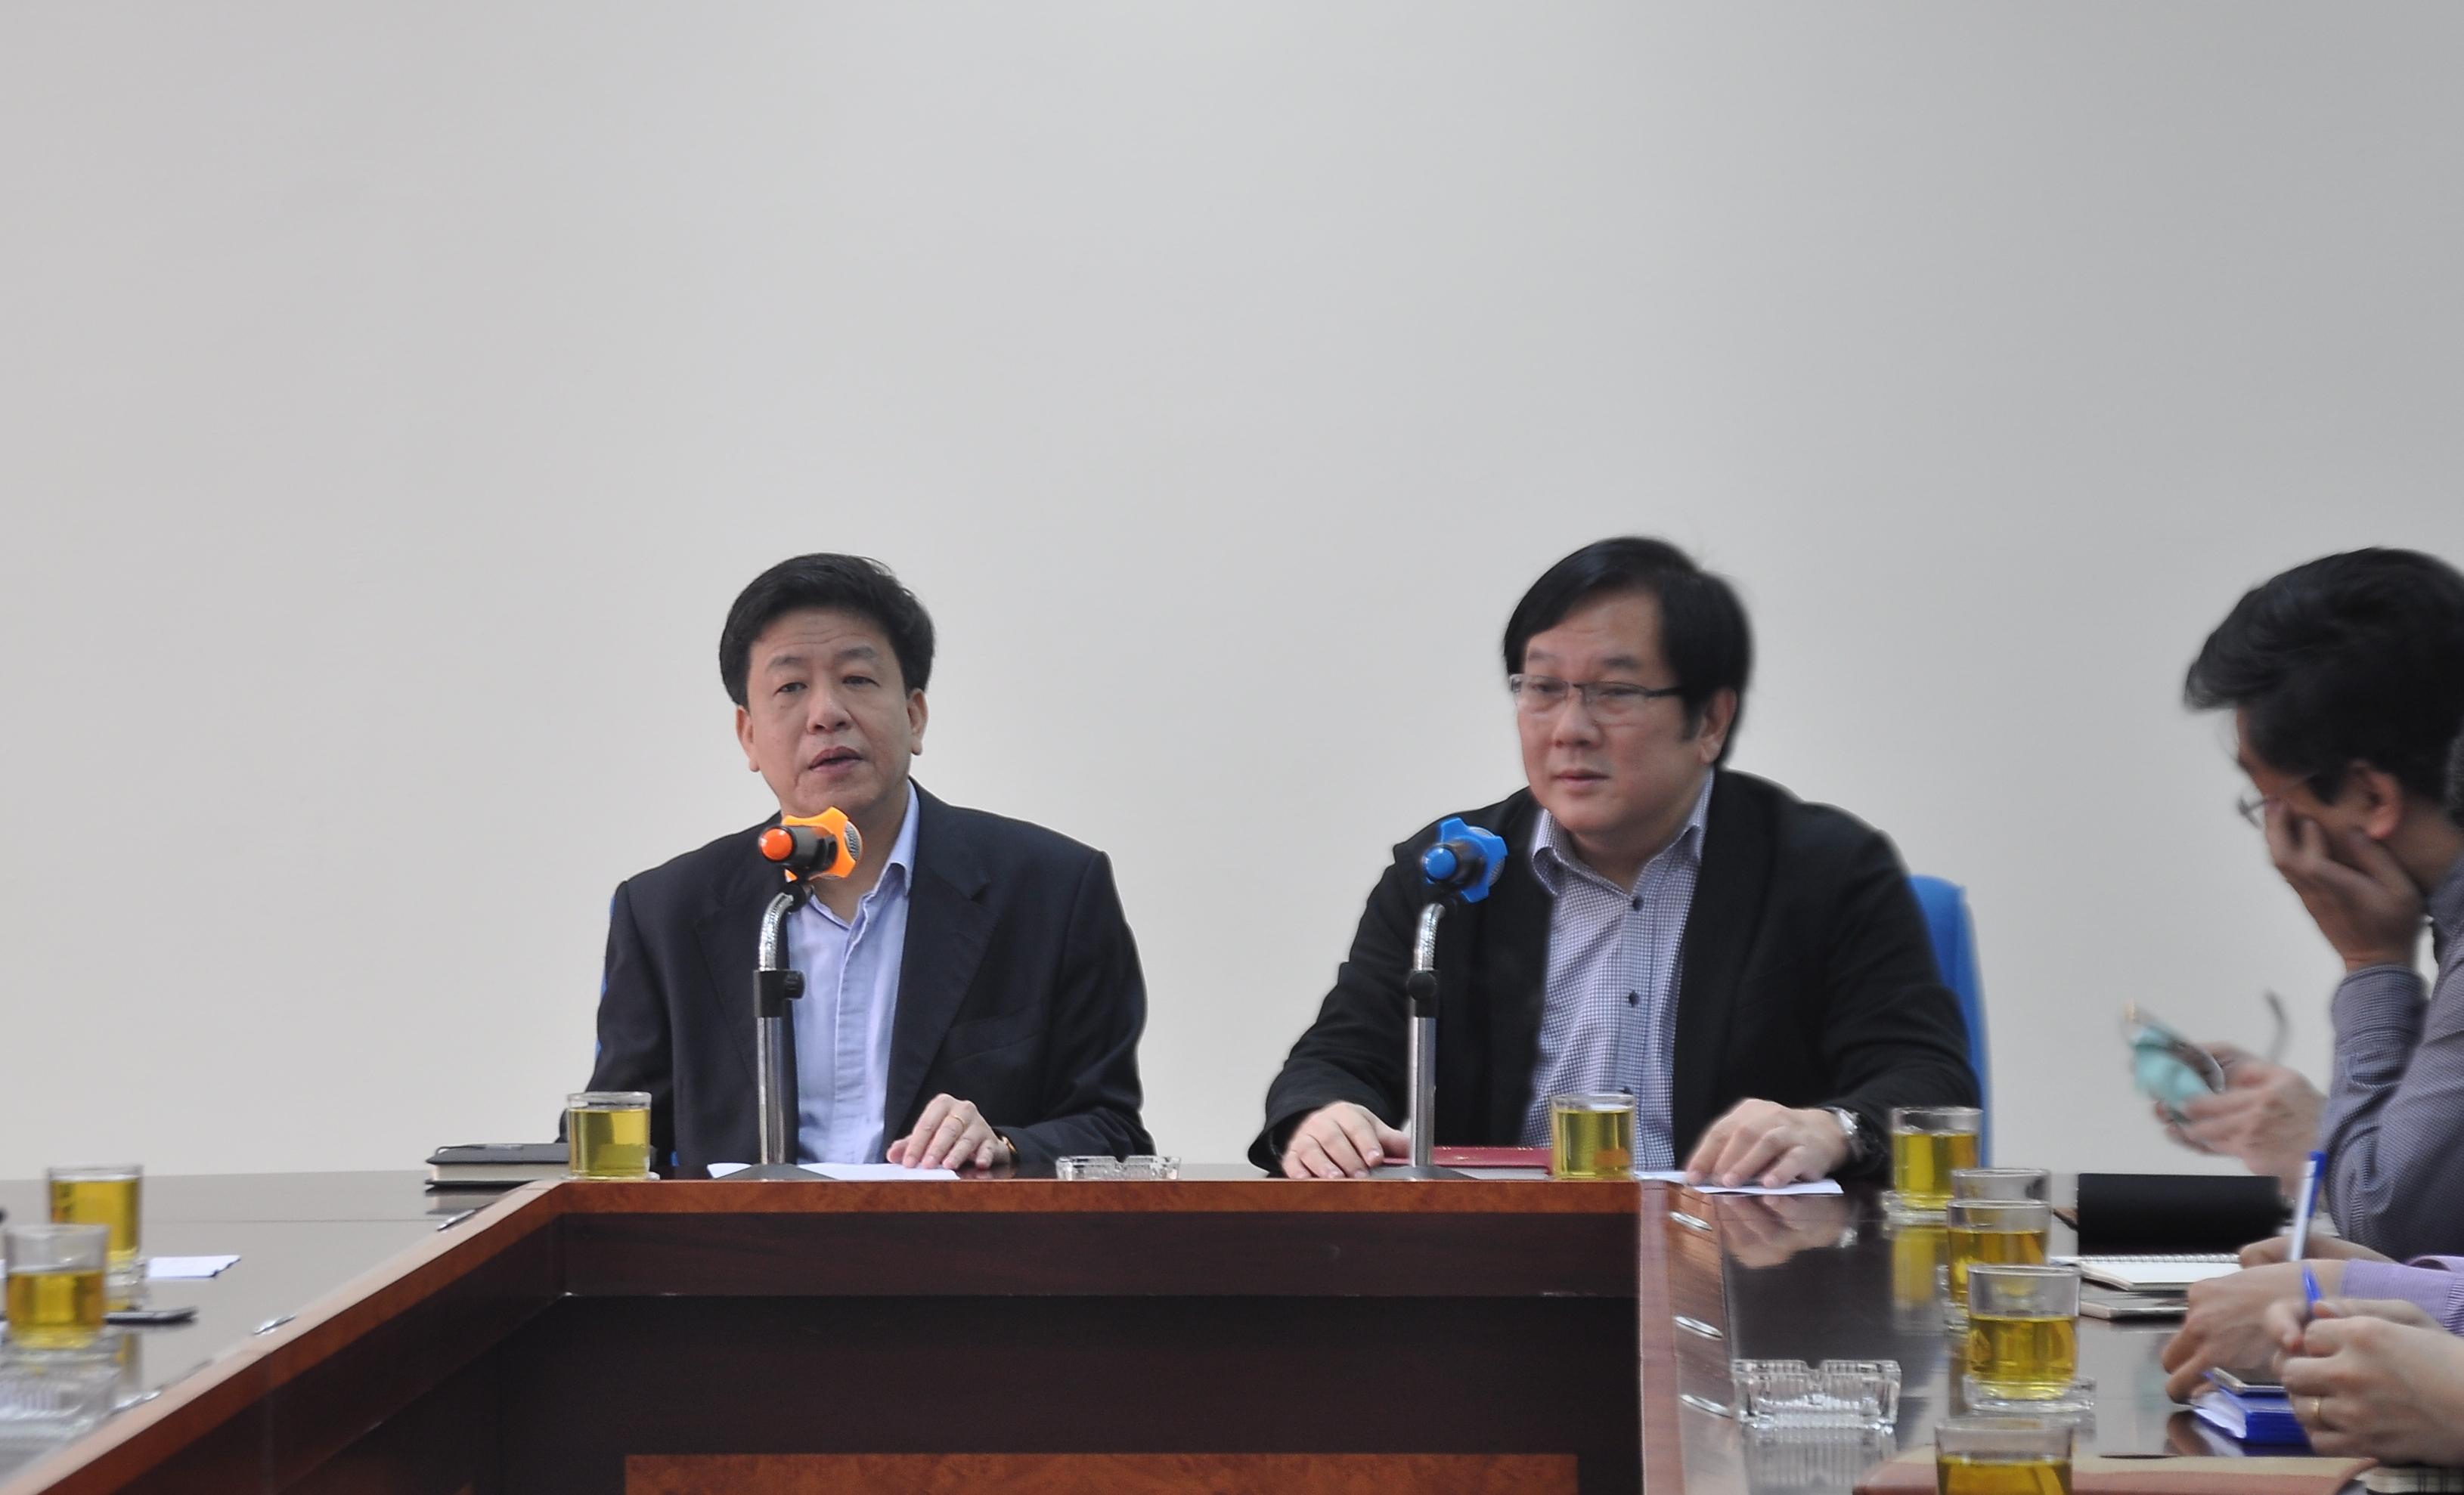 UBND quận Hoàn Kiếm và Viện Kiến trúc Quốc gia tổng kết công tác thực hiện Thoả thuận Hợp tác